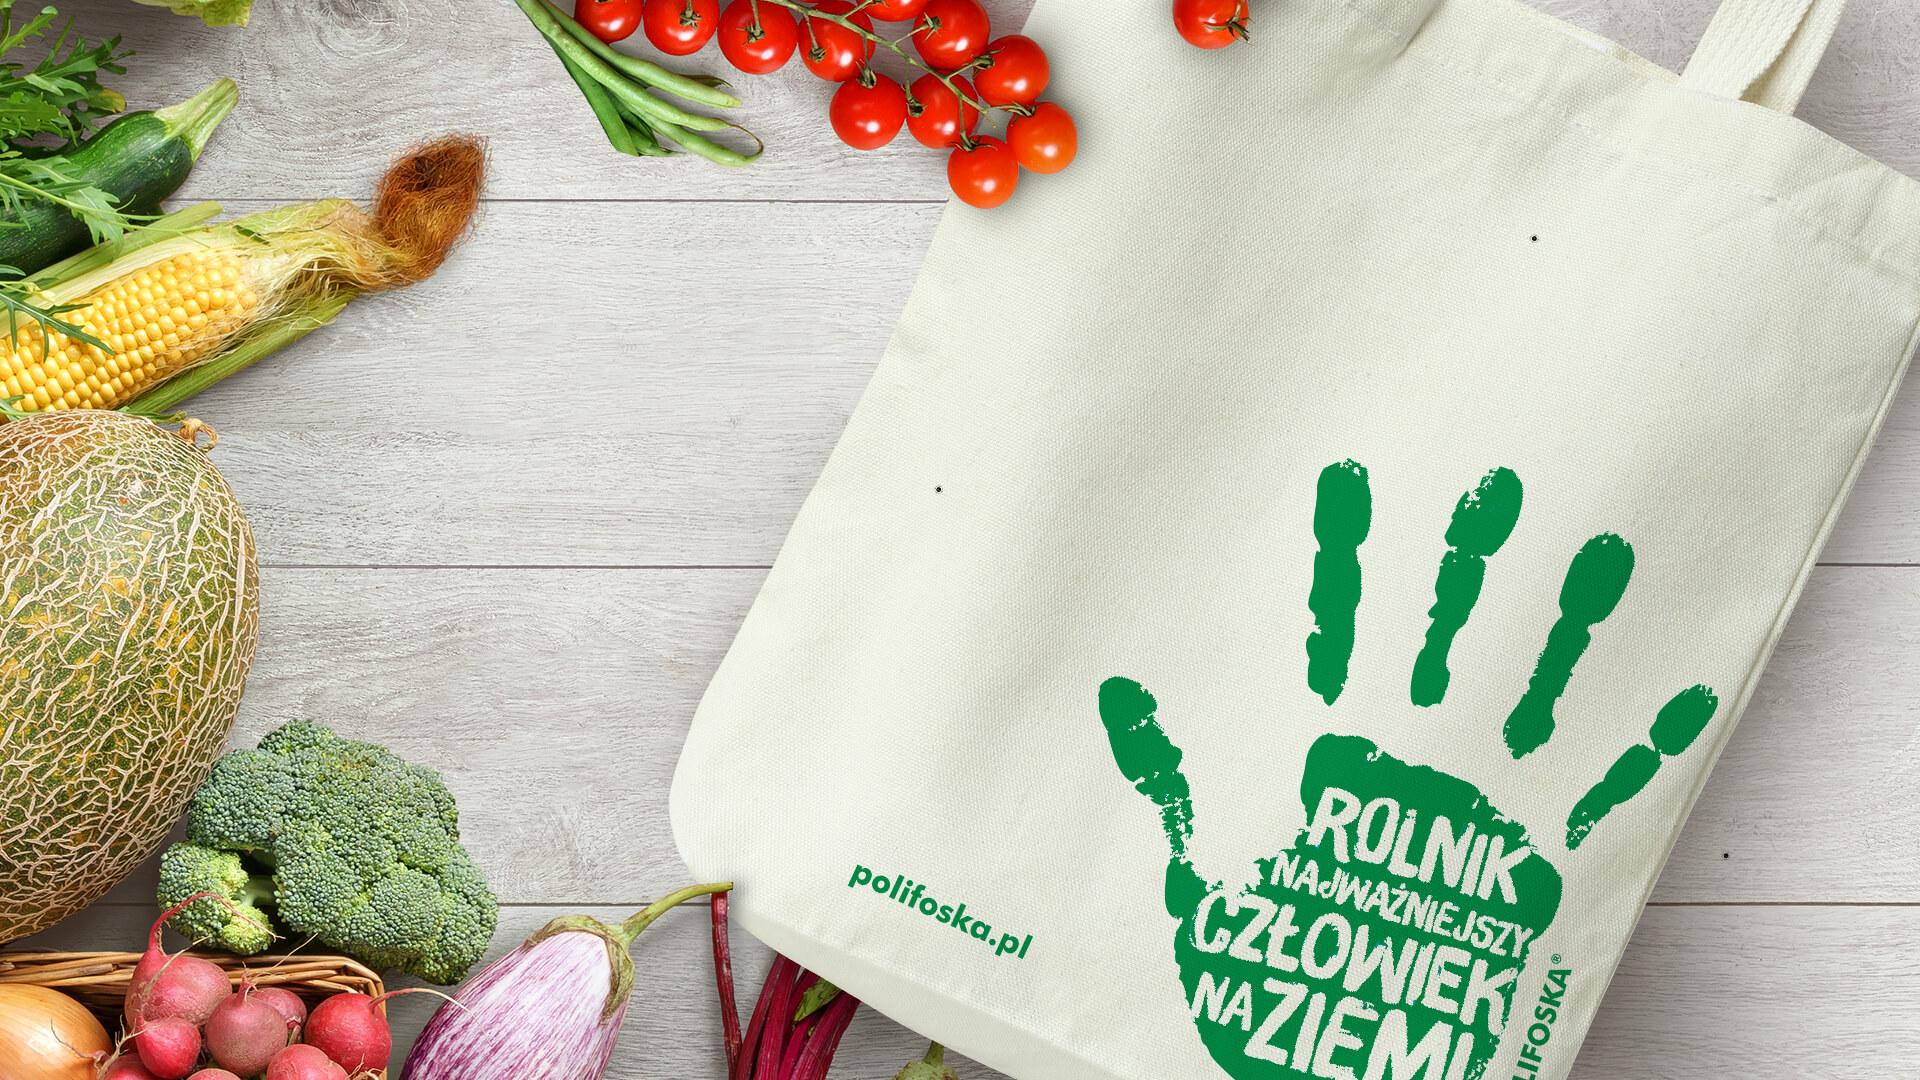 Kampania-reklamowa-dla-rolników